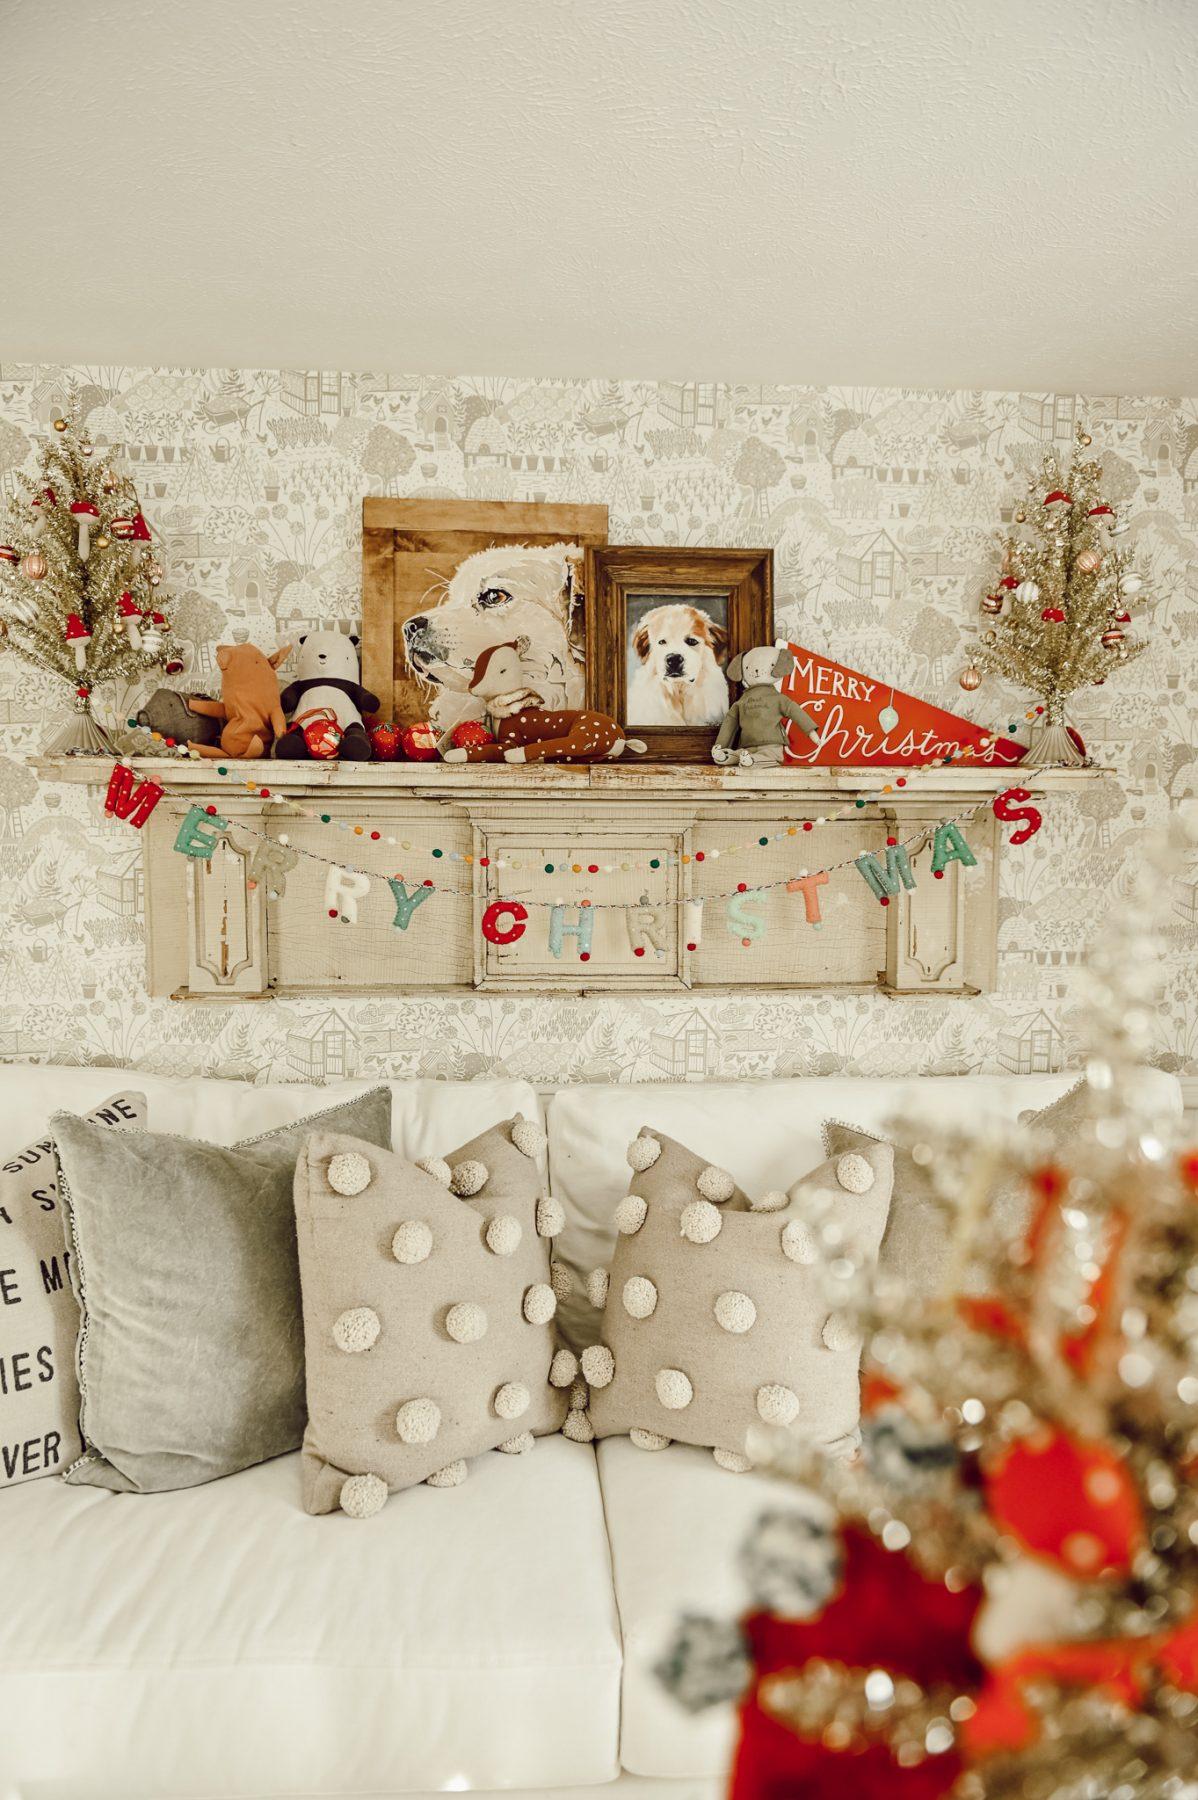 Cope's Christmas Nursery